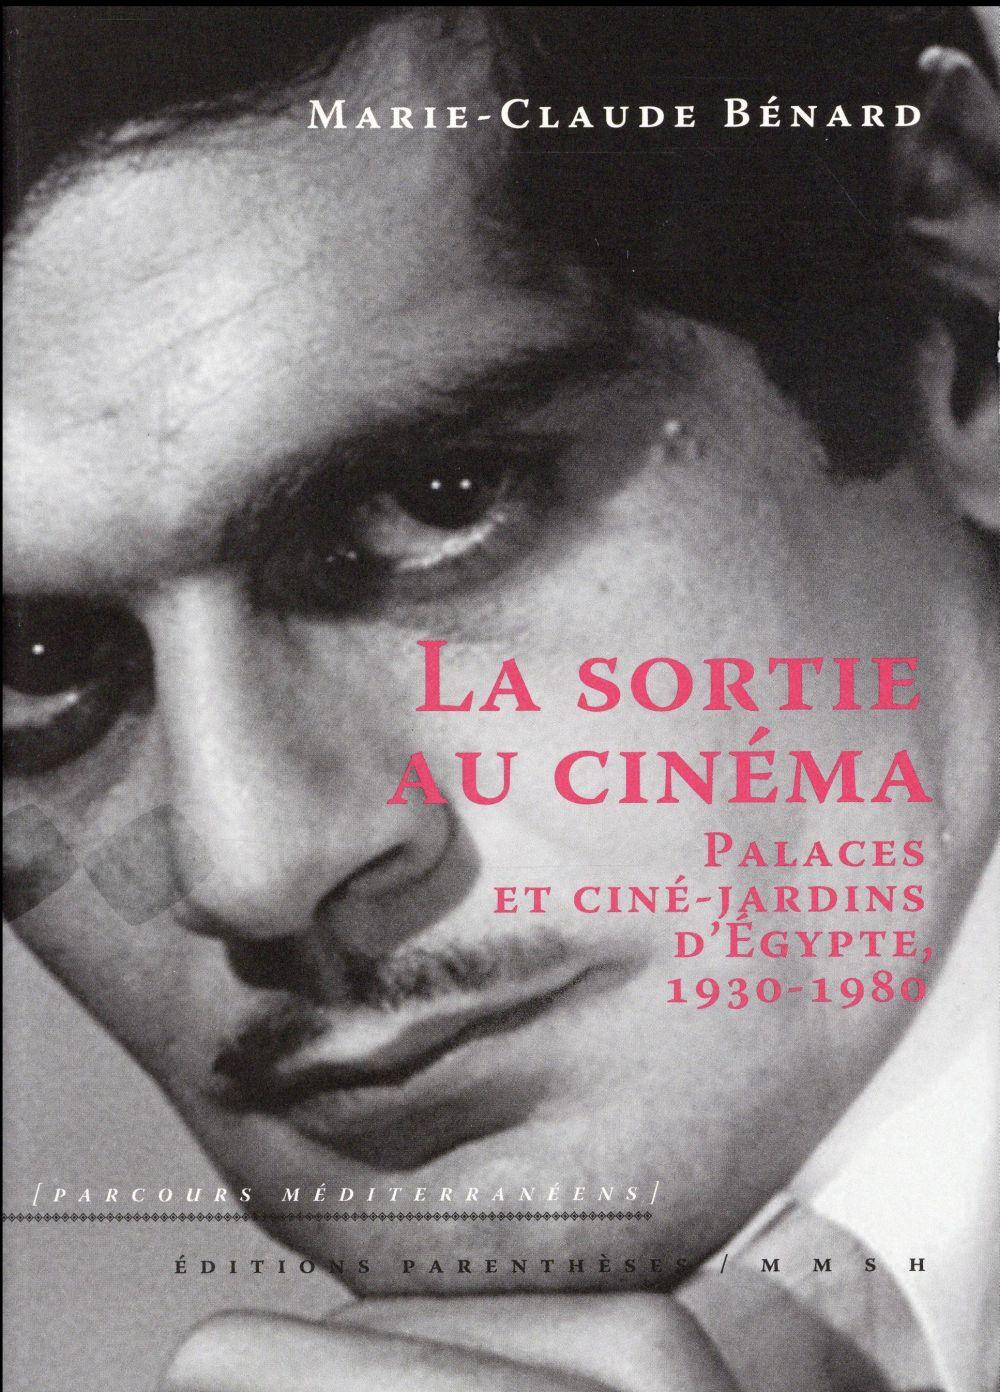 La sortie au cinéma ; palaces et ciné-jardins d'Égypte, 1930-1980